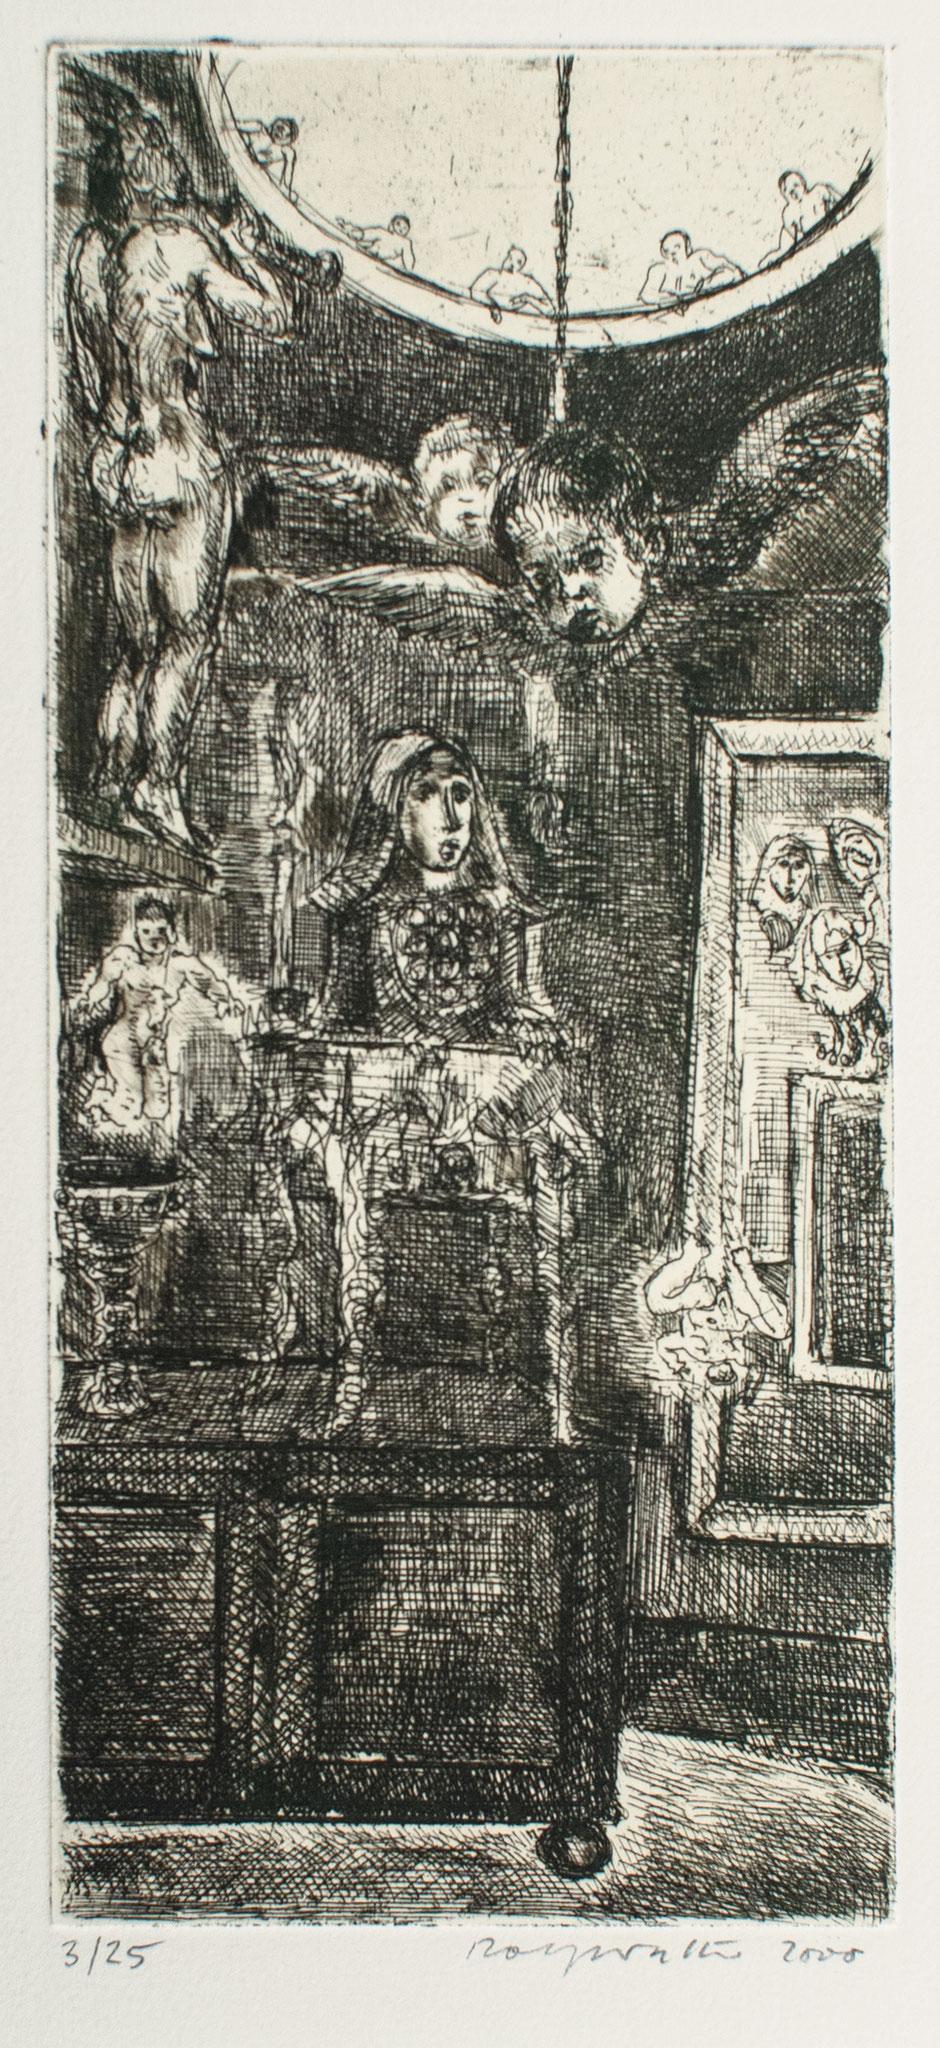 Absturz; 2000, Radierung, 19cm x 8cm